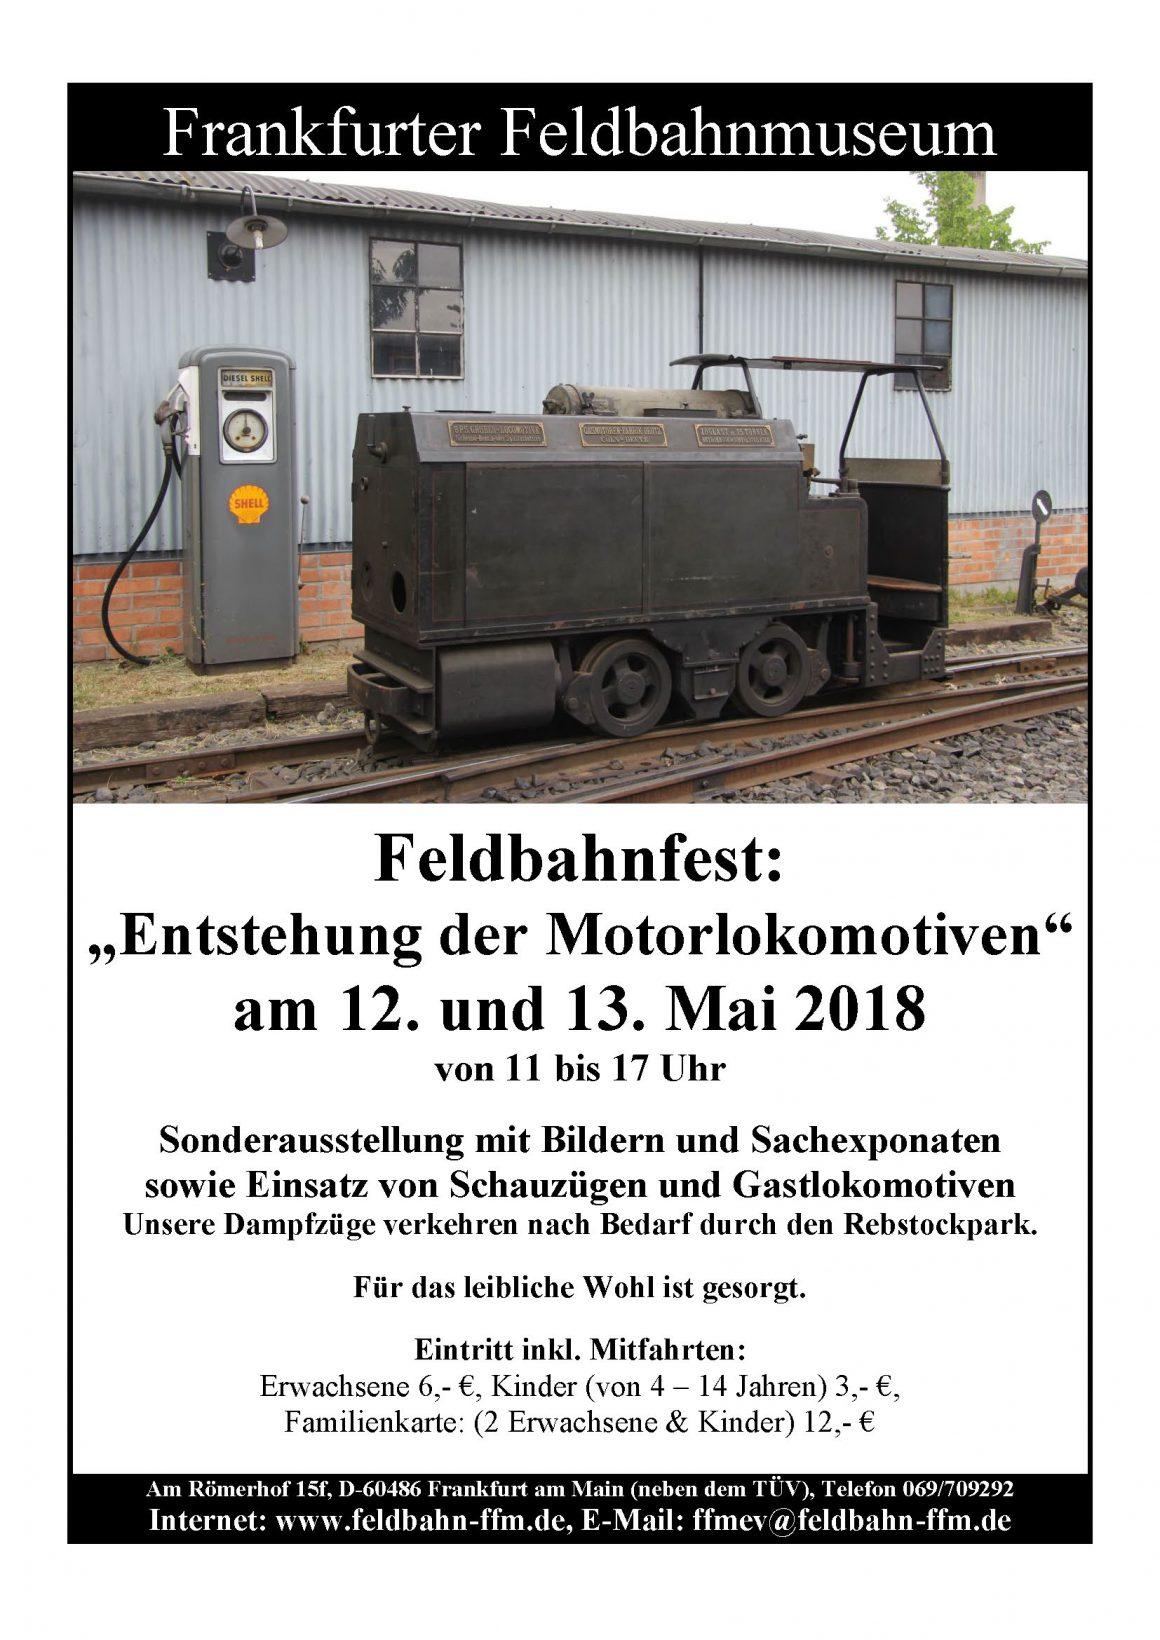 Feldbahnfest